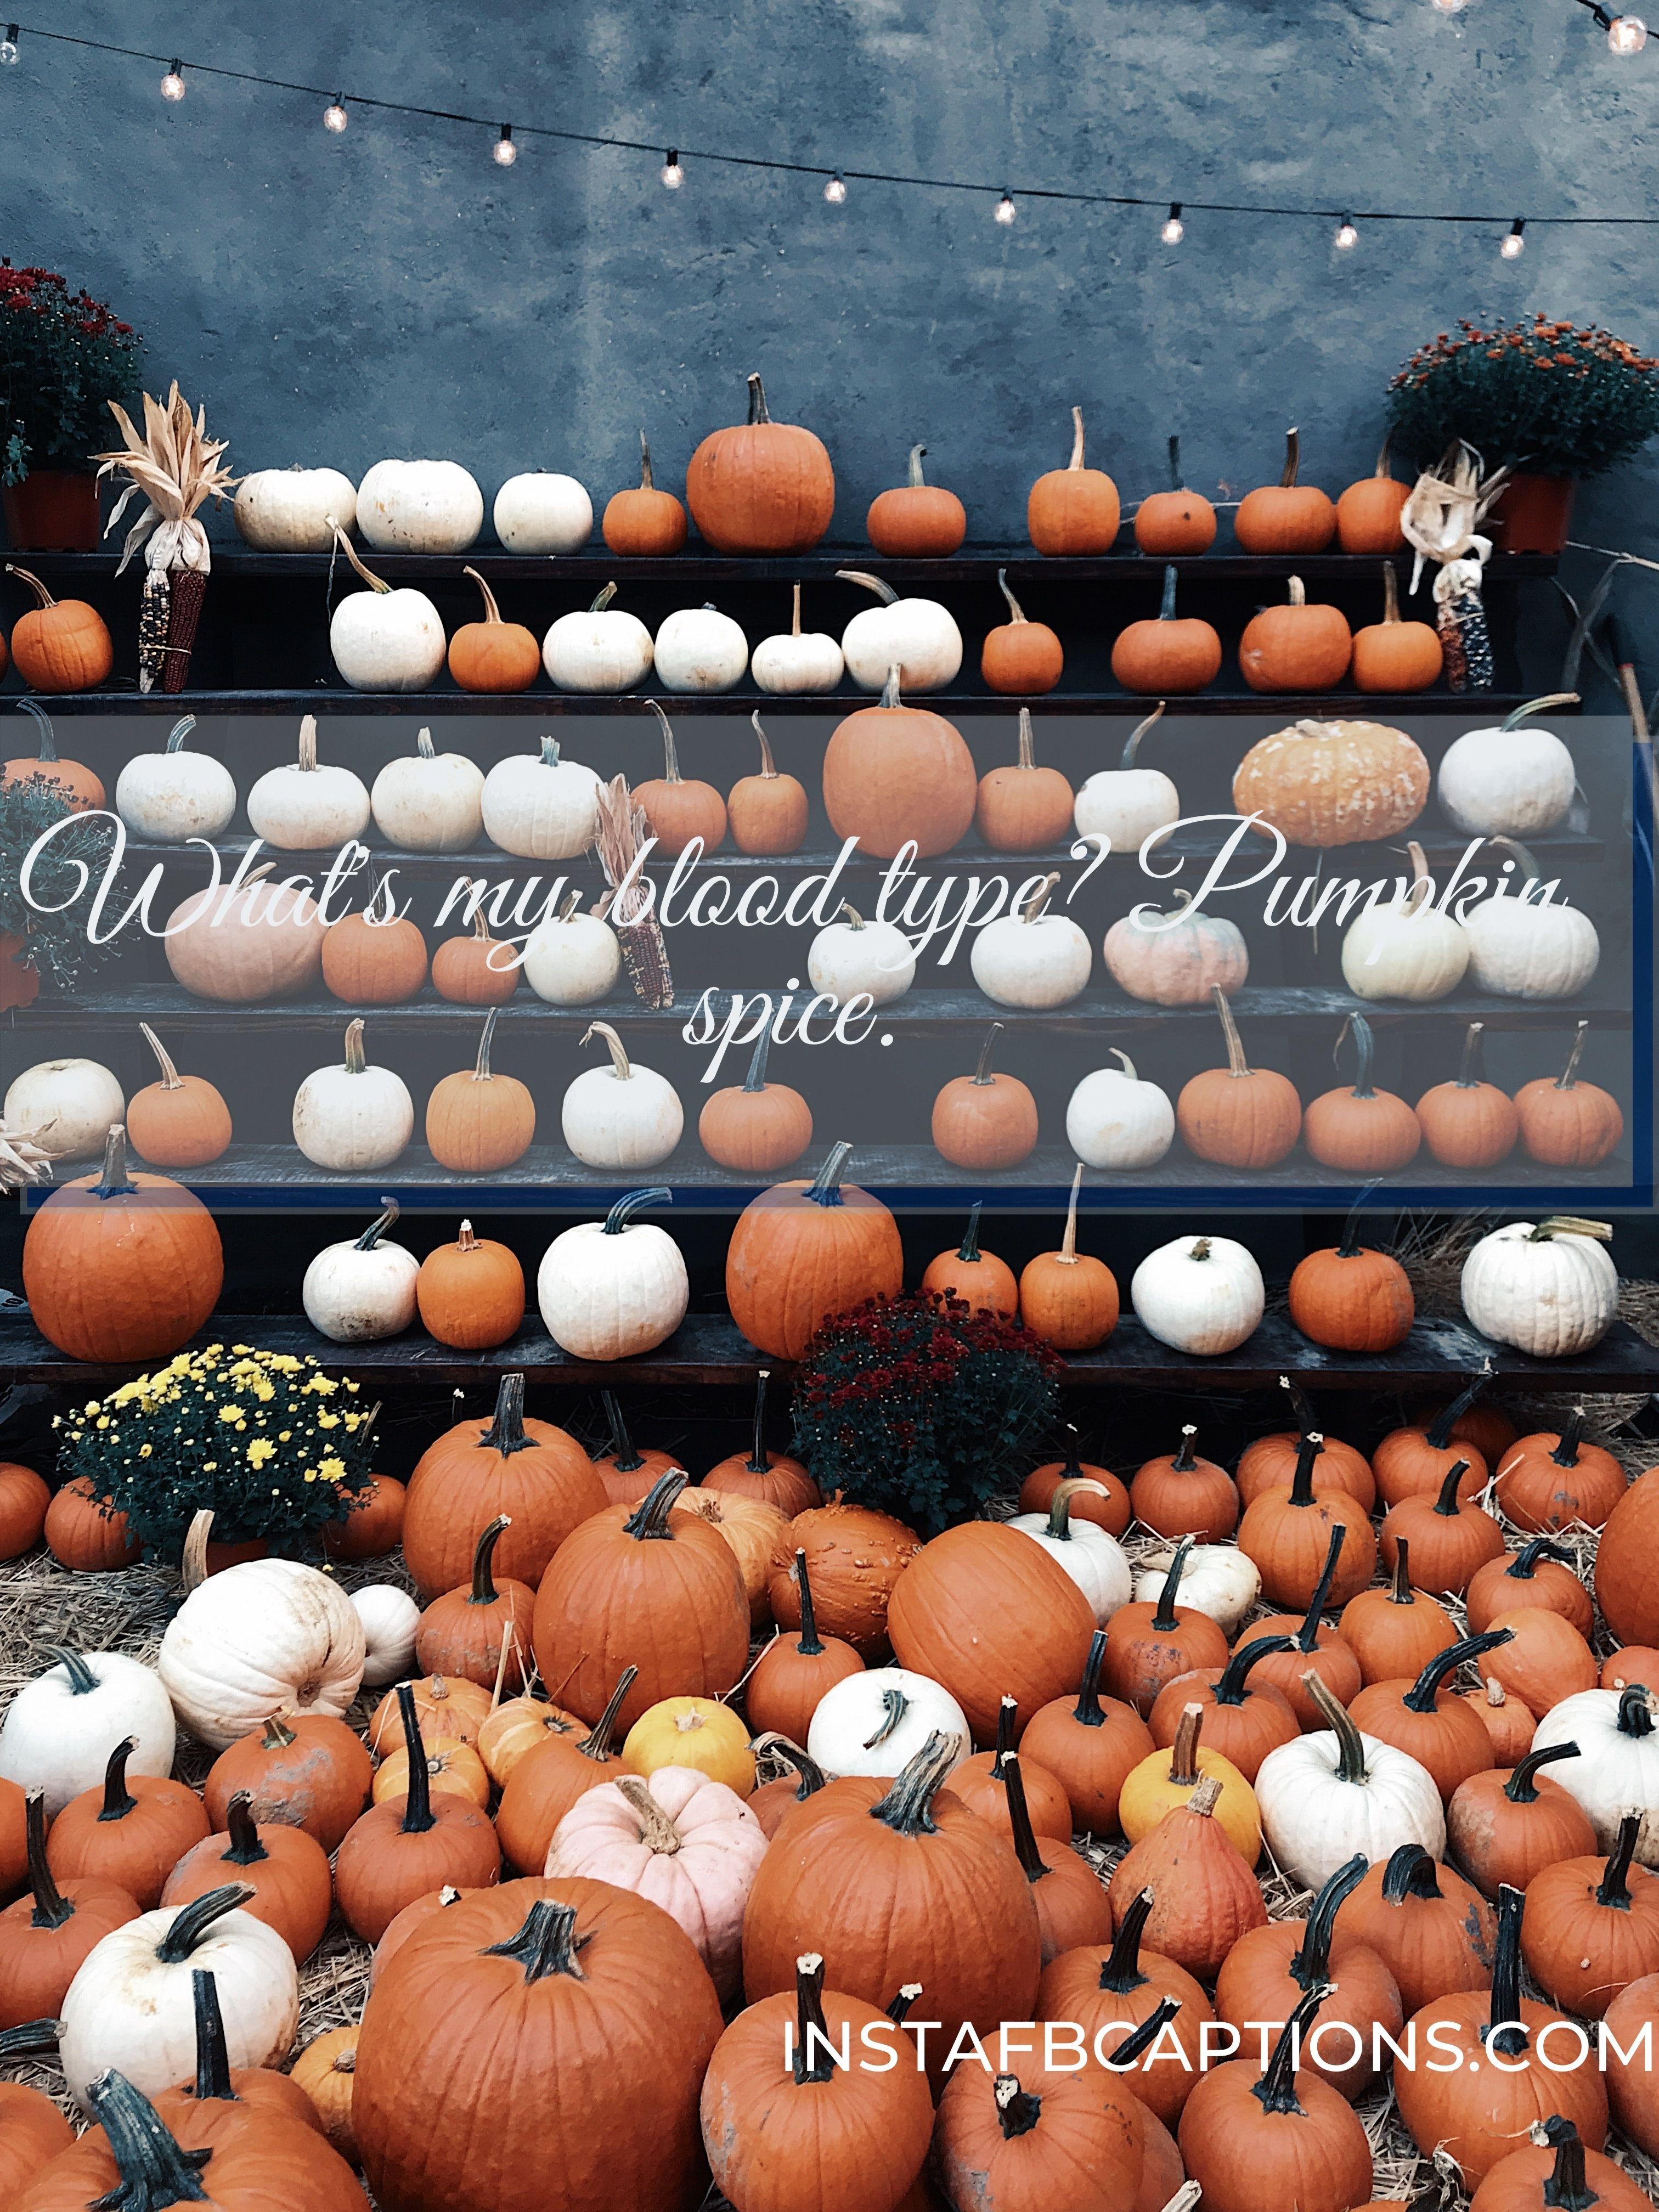 Pumpkin Instagram Captions  - Pumpkin Instagram Captions - 120+ FALL Instagram Captions for AUTUMN 2021